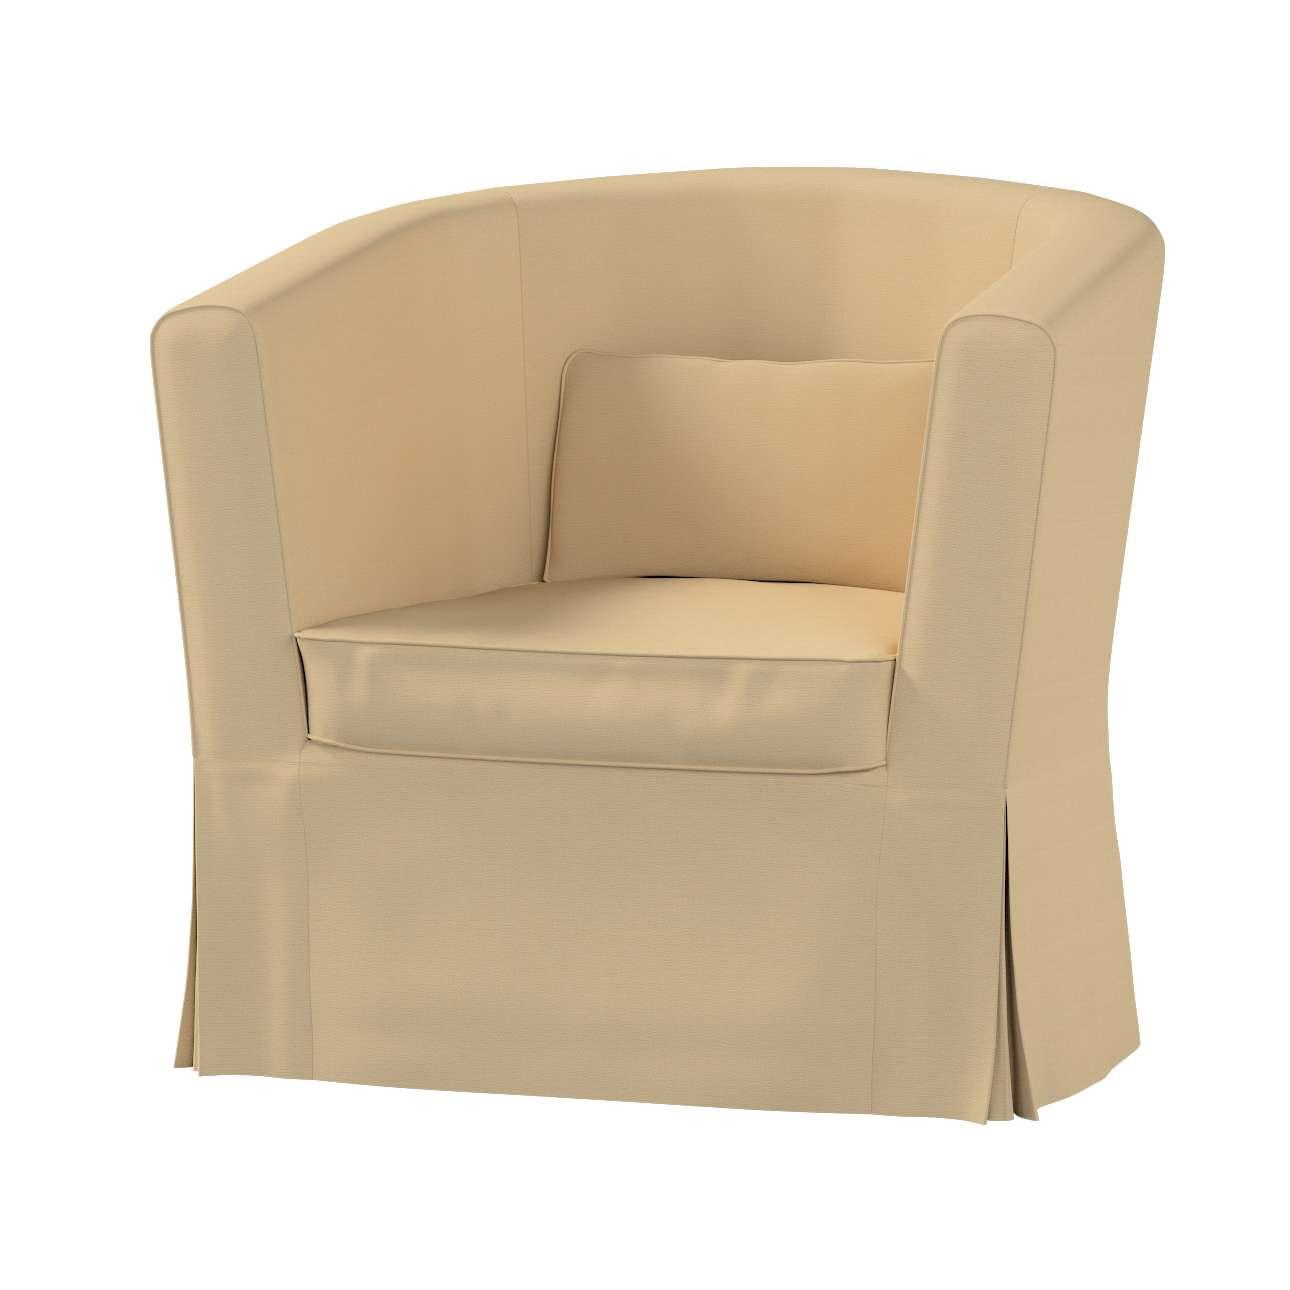 EKTORP TULLSTA fotelio užvalkalas Ektorp Tullsta fotelio užvalkalas kolekcijoje Cotton Panama, audinys: 702-01